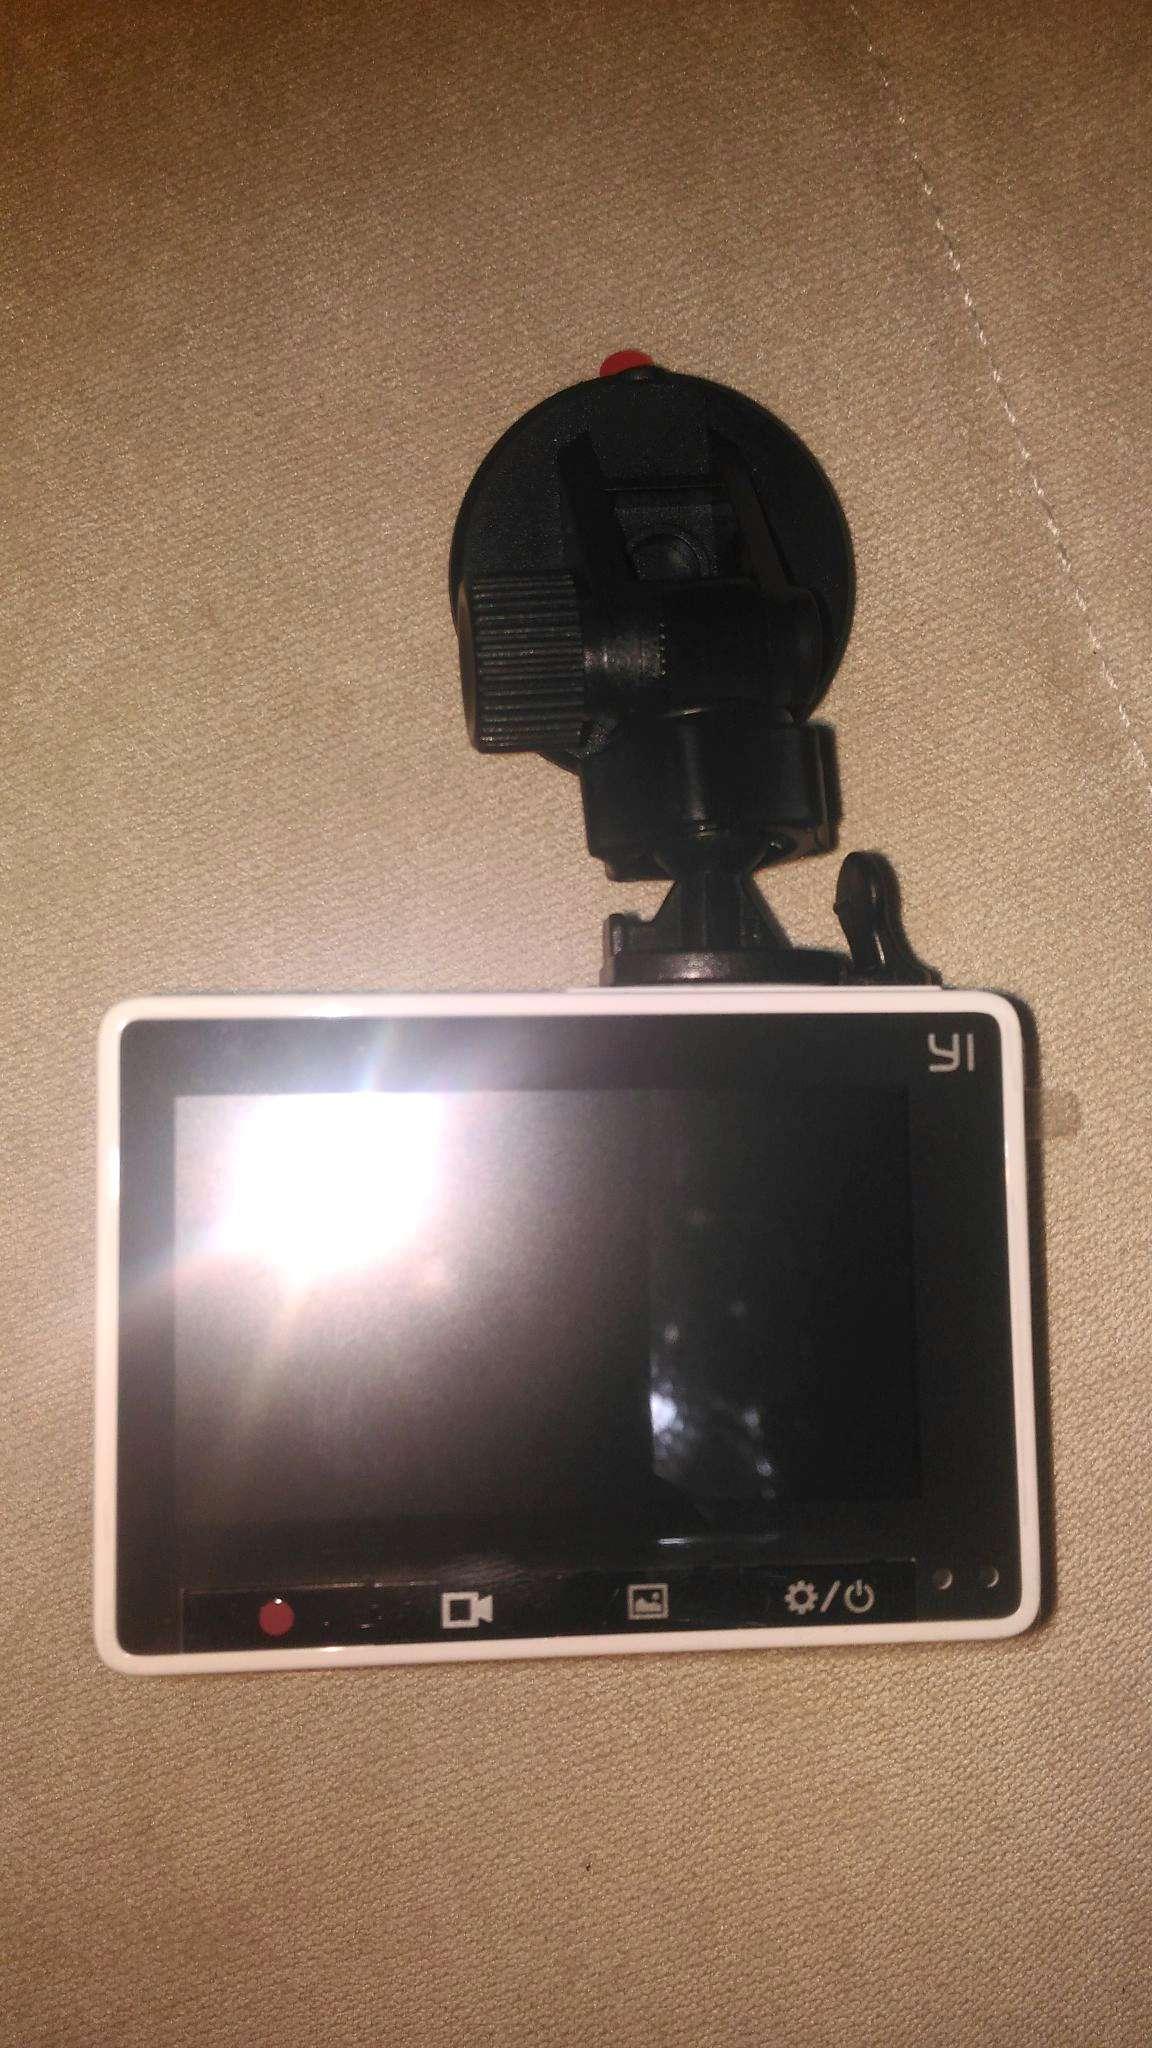 инструкция видеорегистратор dvr-690